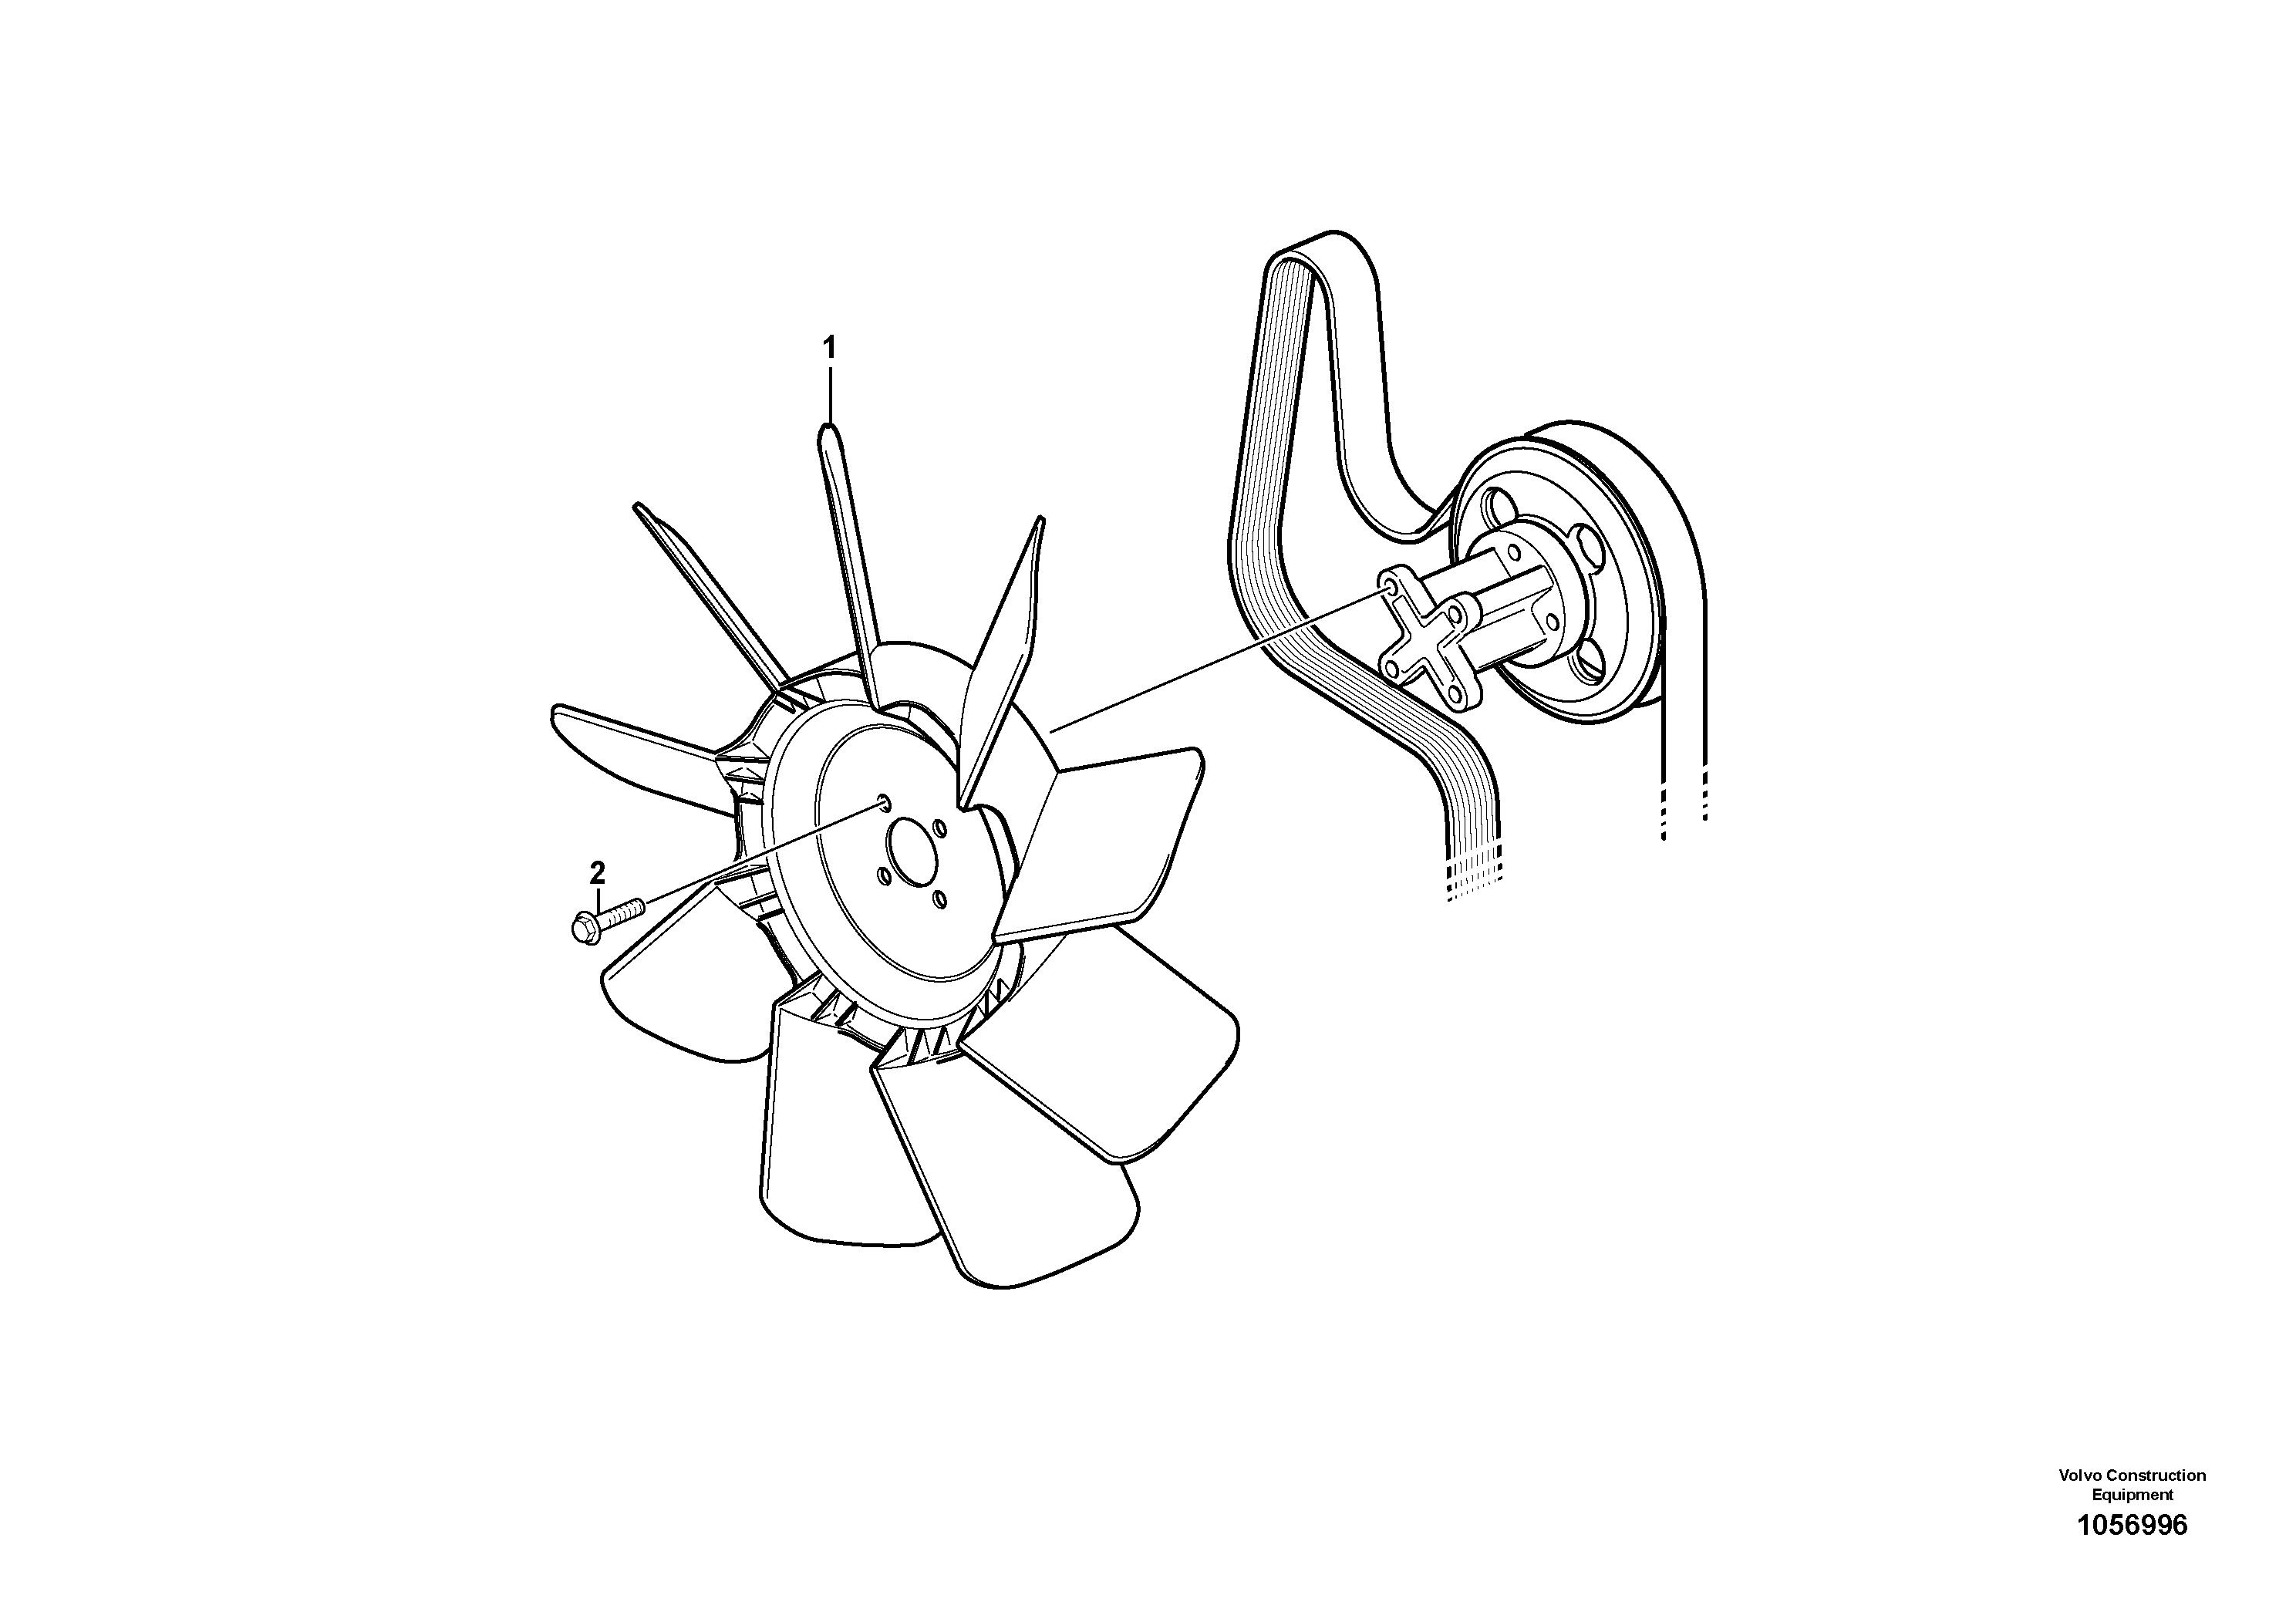 bekoloder-motor-kayis